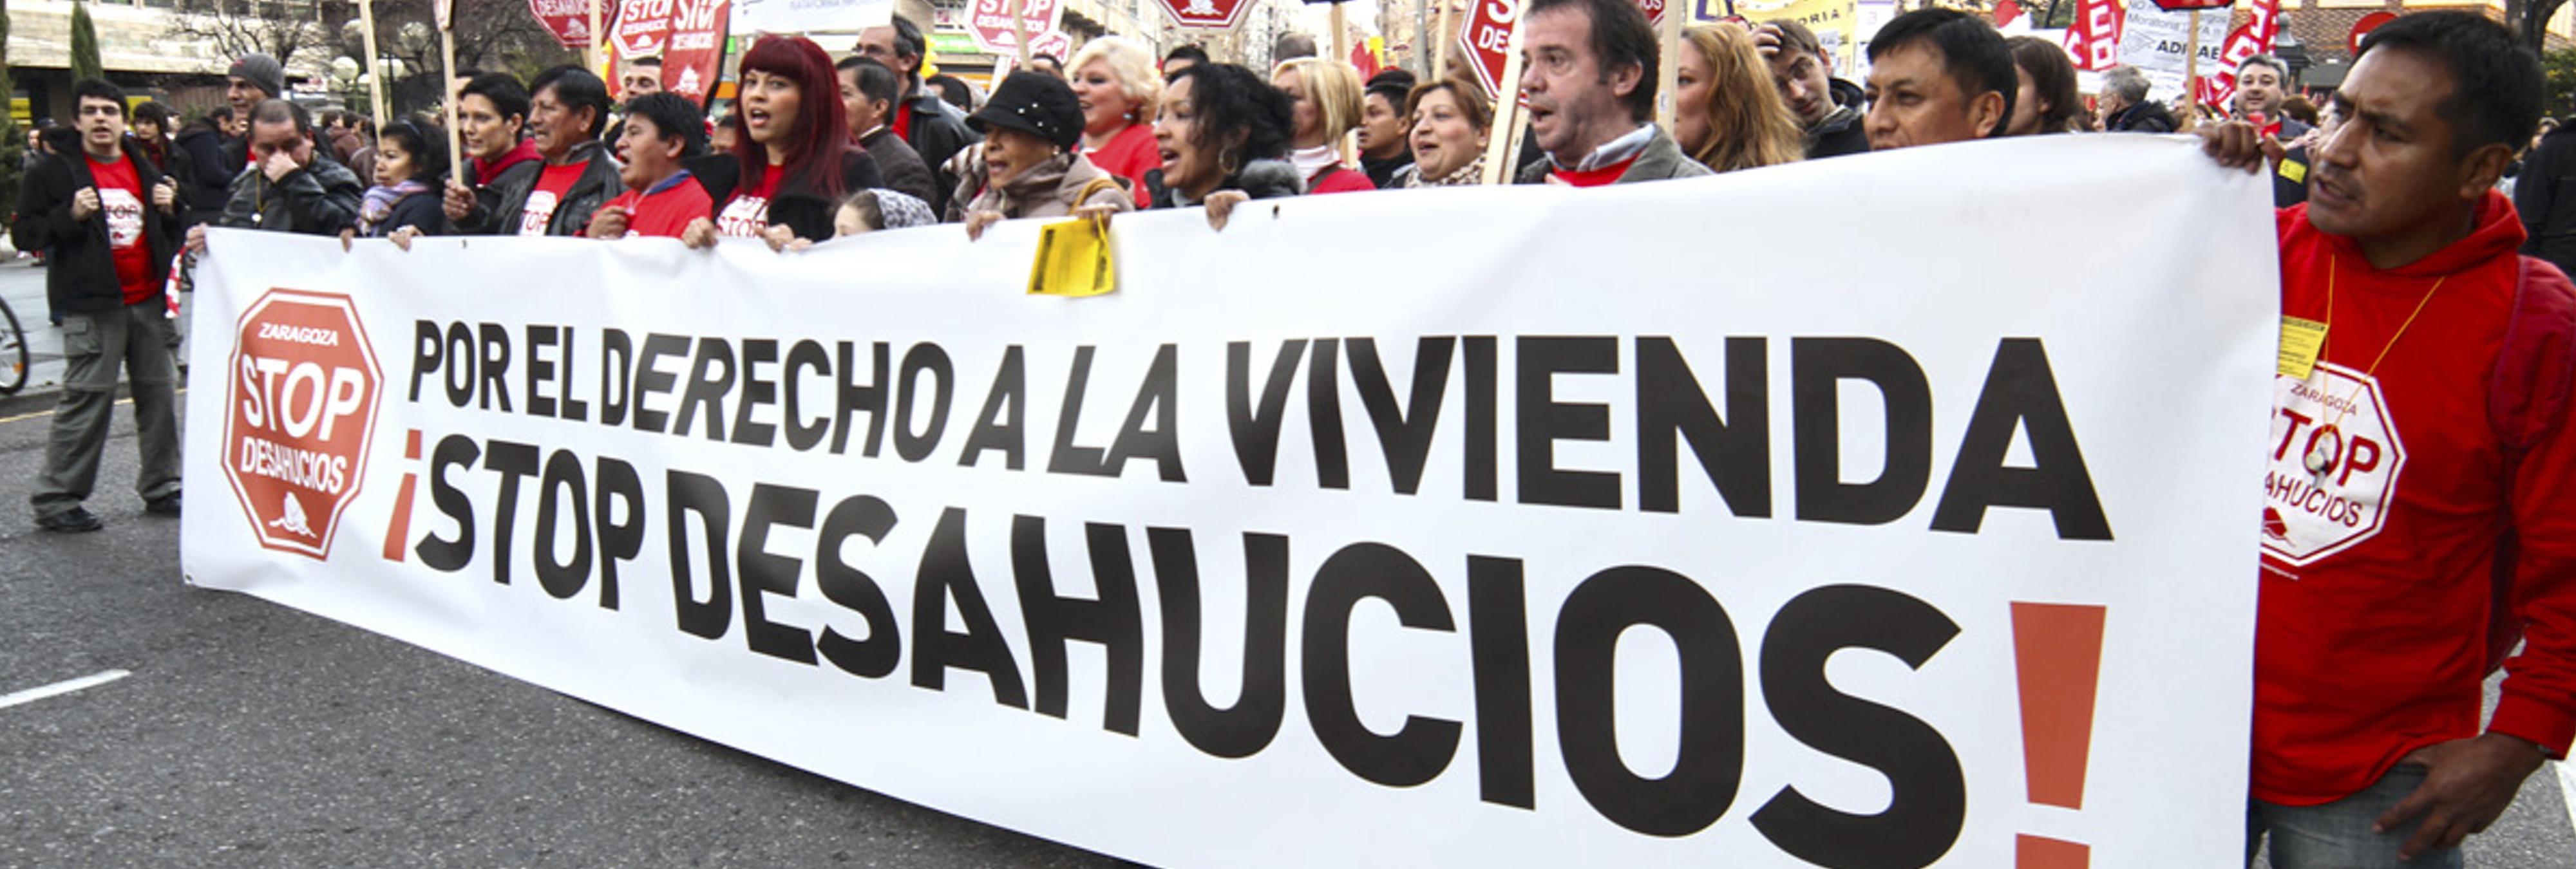 Rajoy ignora el dictamen de la ONU que pide cesar los desahucios de familias vulnerables